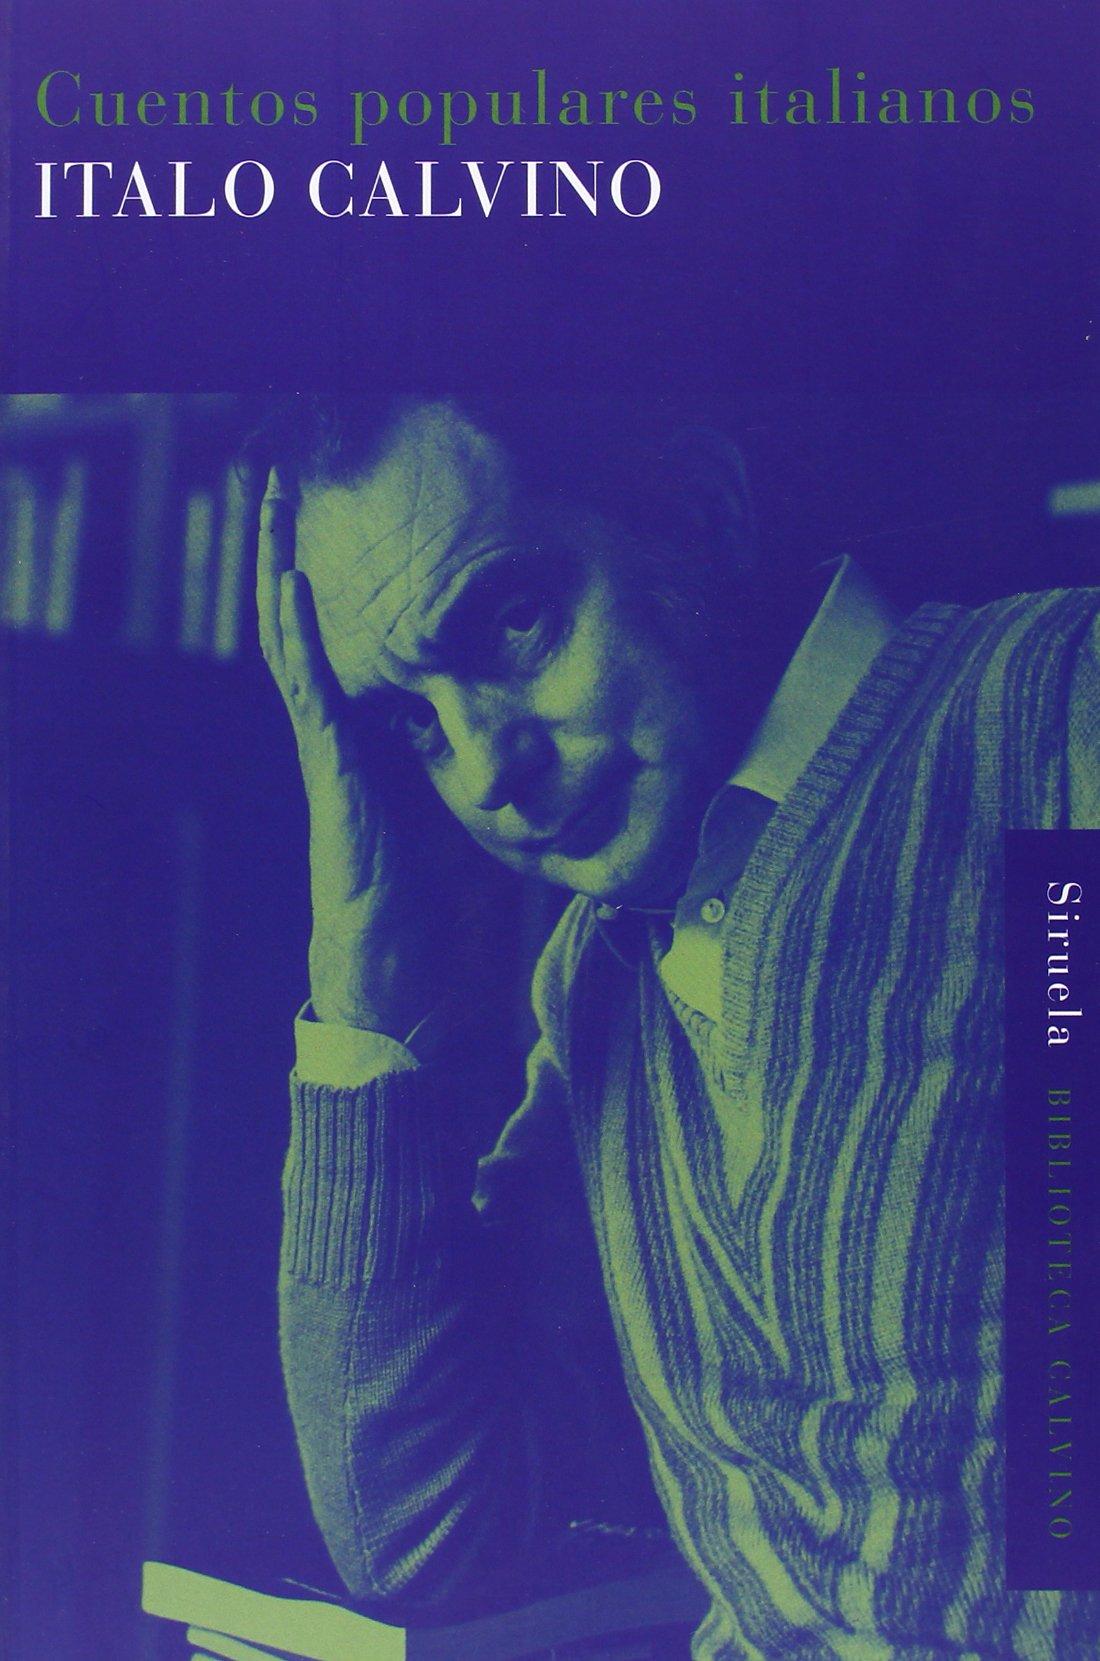 la nave de tres pisos en Cuentos populares italianos Italo Calvino